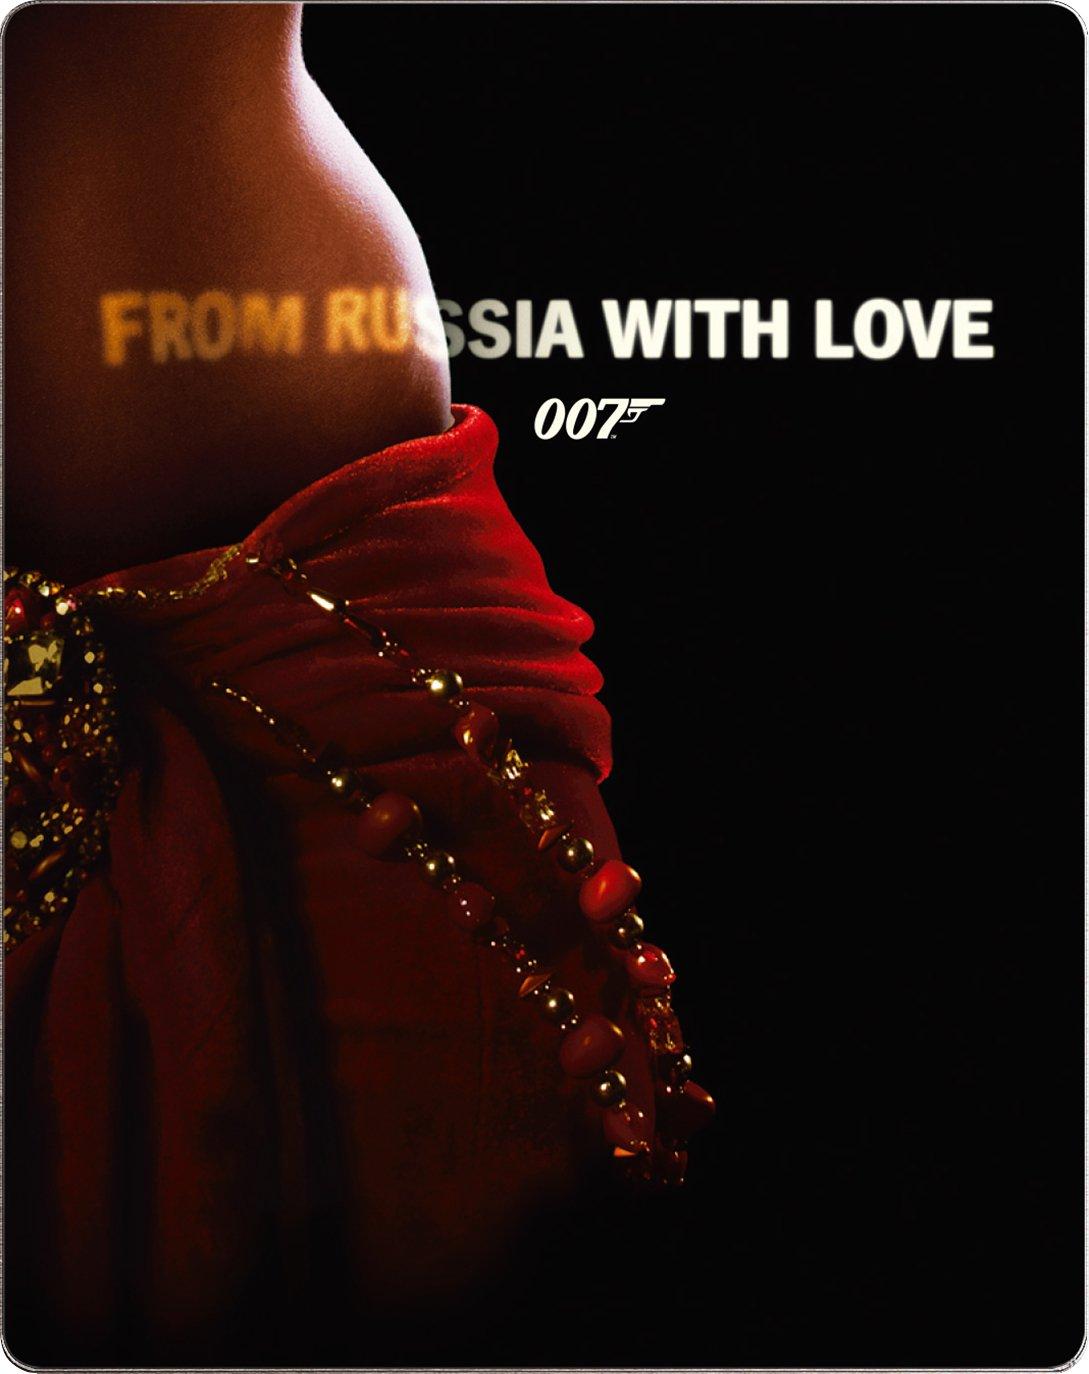 ロシアより愛をこめて スチールブック仕様